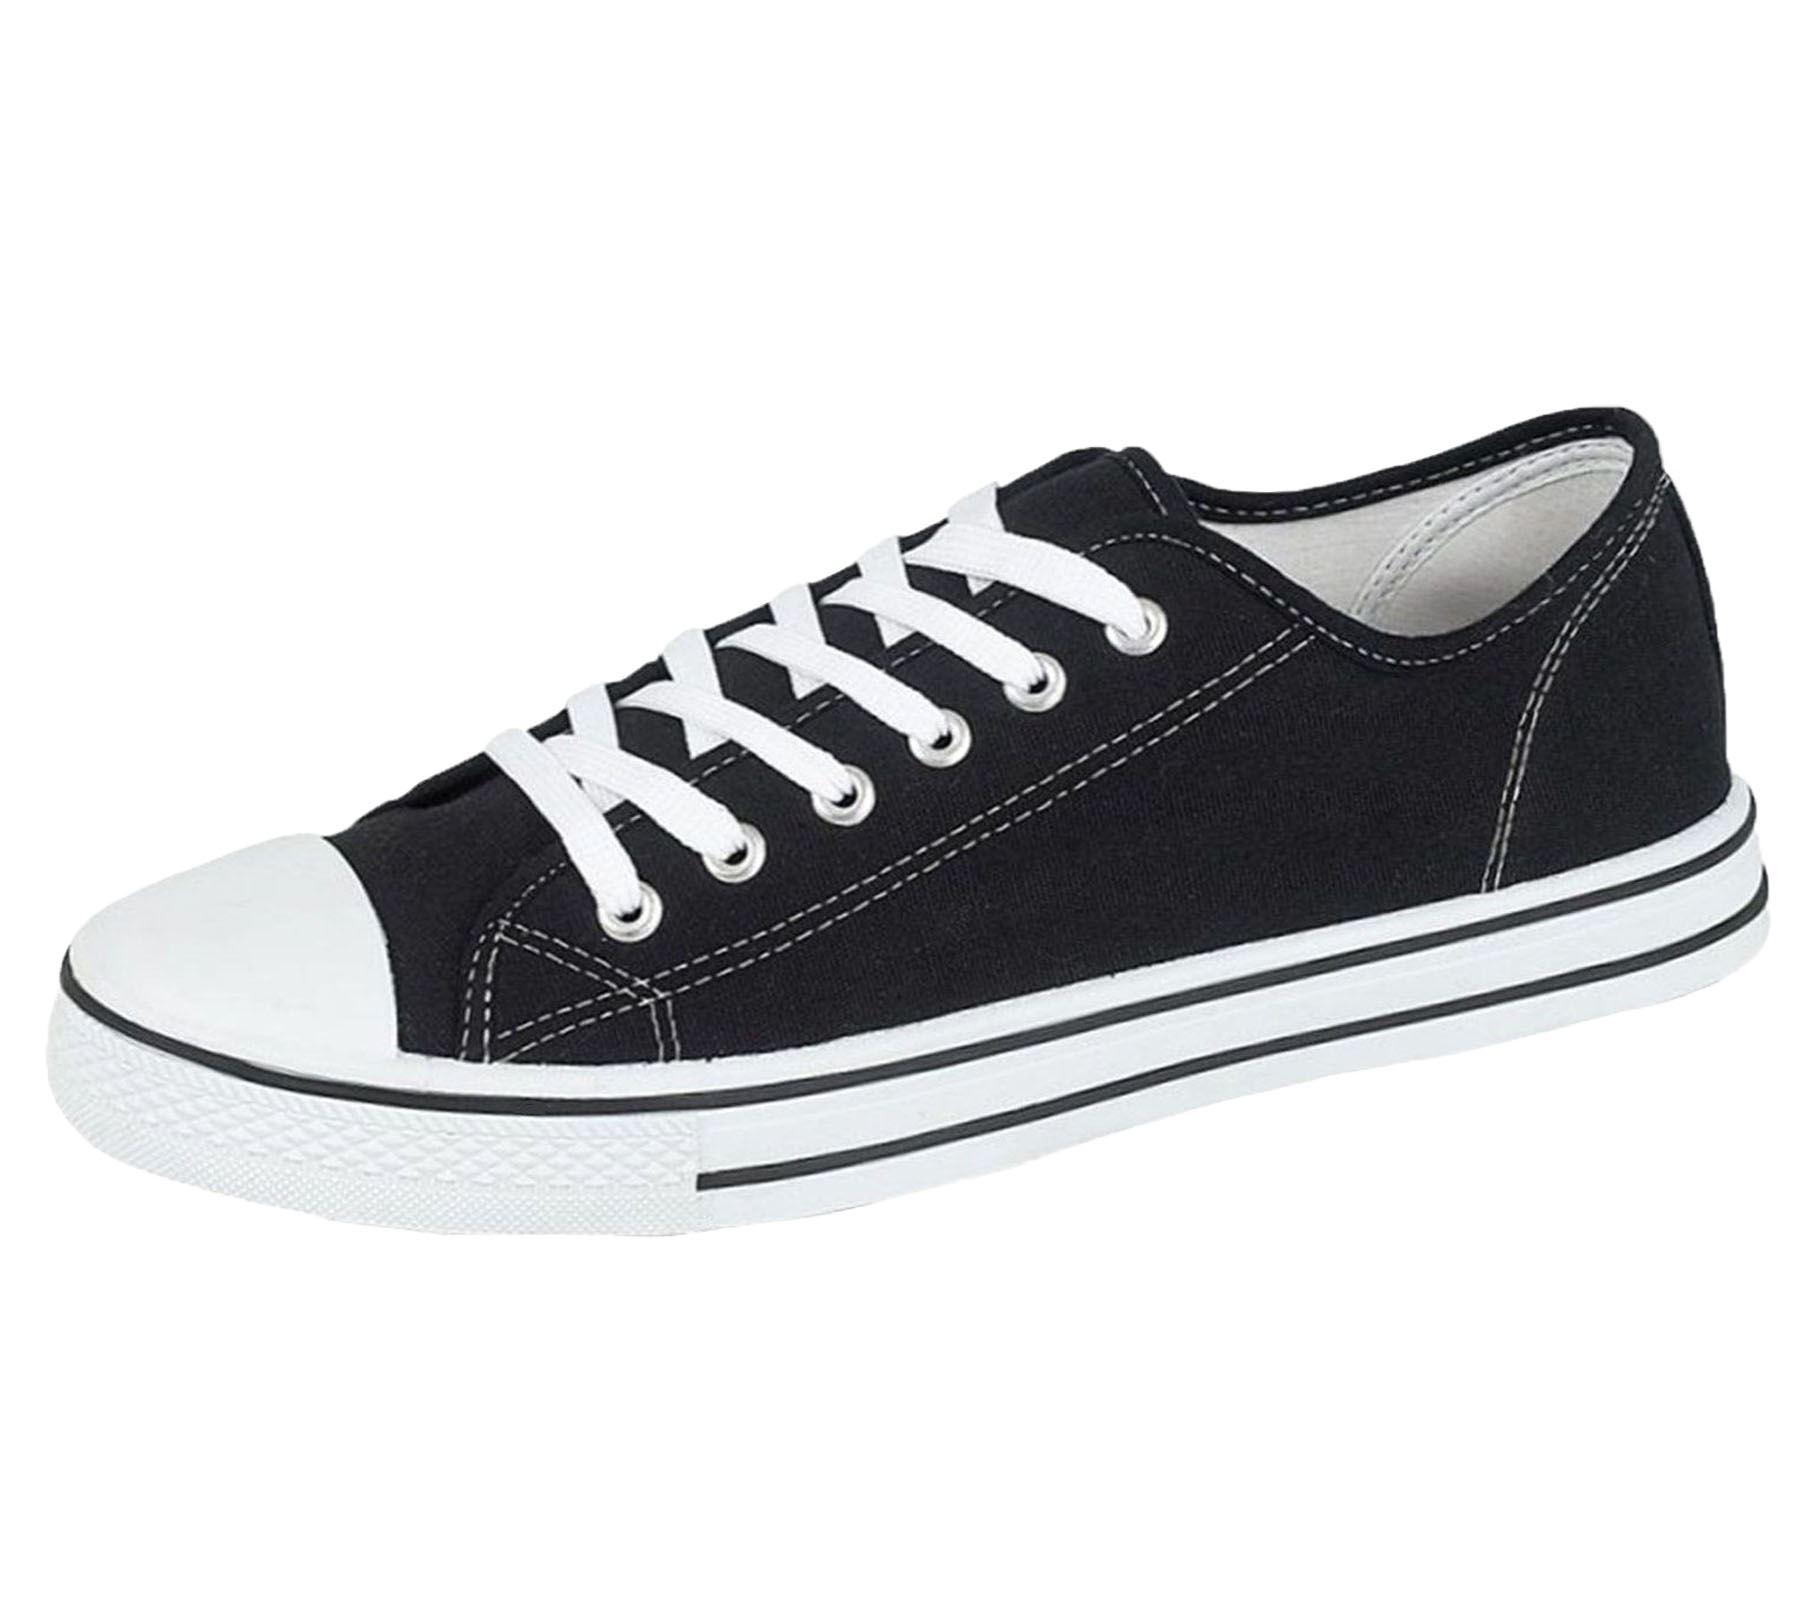 Mens-Canvas-Shoes-Plimsole-Trainer-Pumps-Lace-Up-Flat-Shoes thumbnail 11